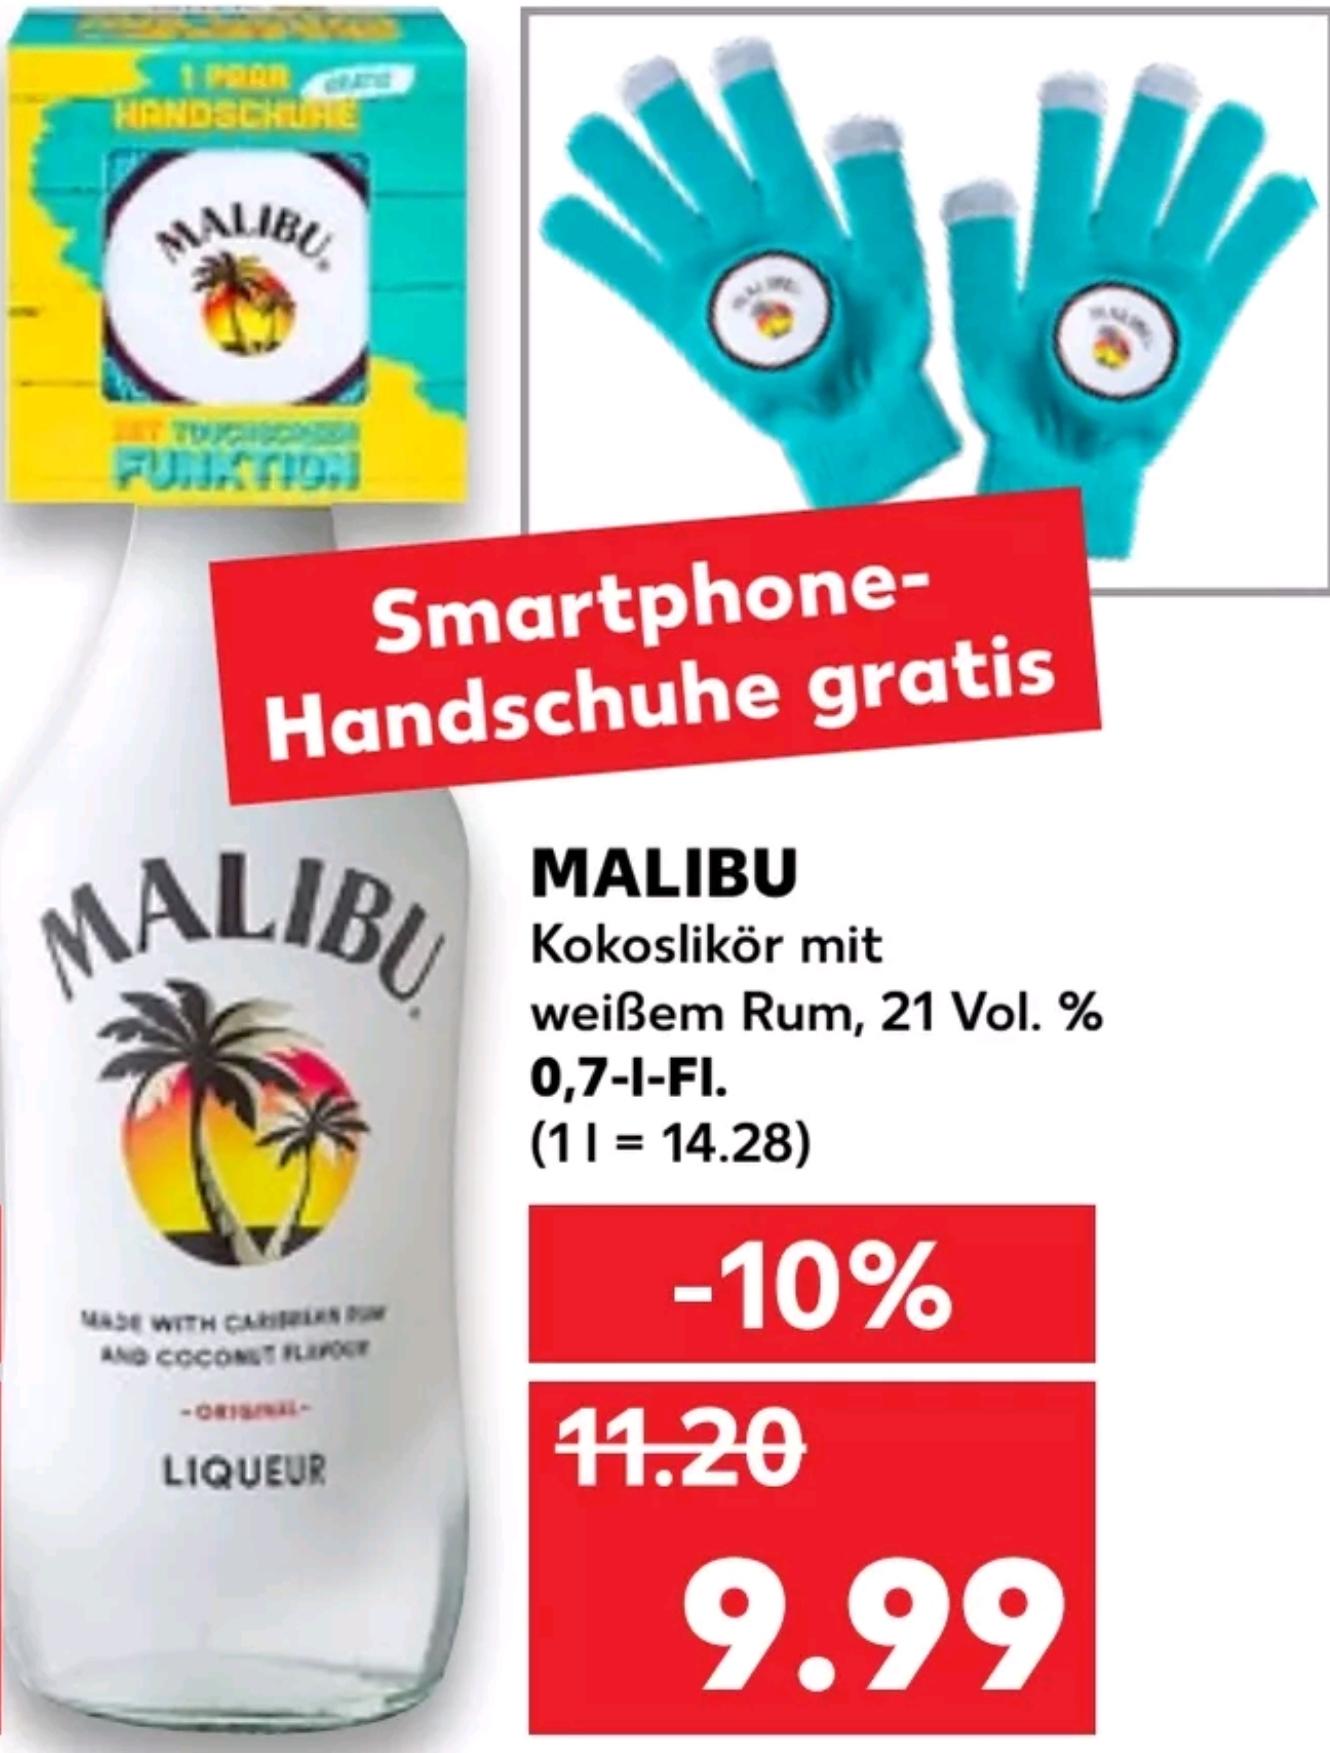 (Kaufland Lokal) MALIBU Kokoslikör mit weißem Rum und Smartphone Handschuhe gratis dazu